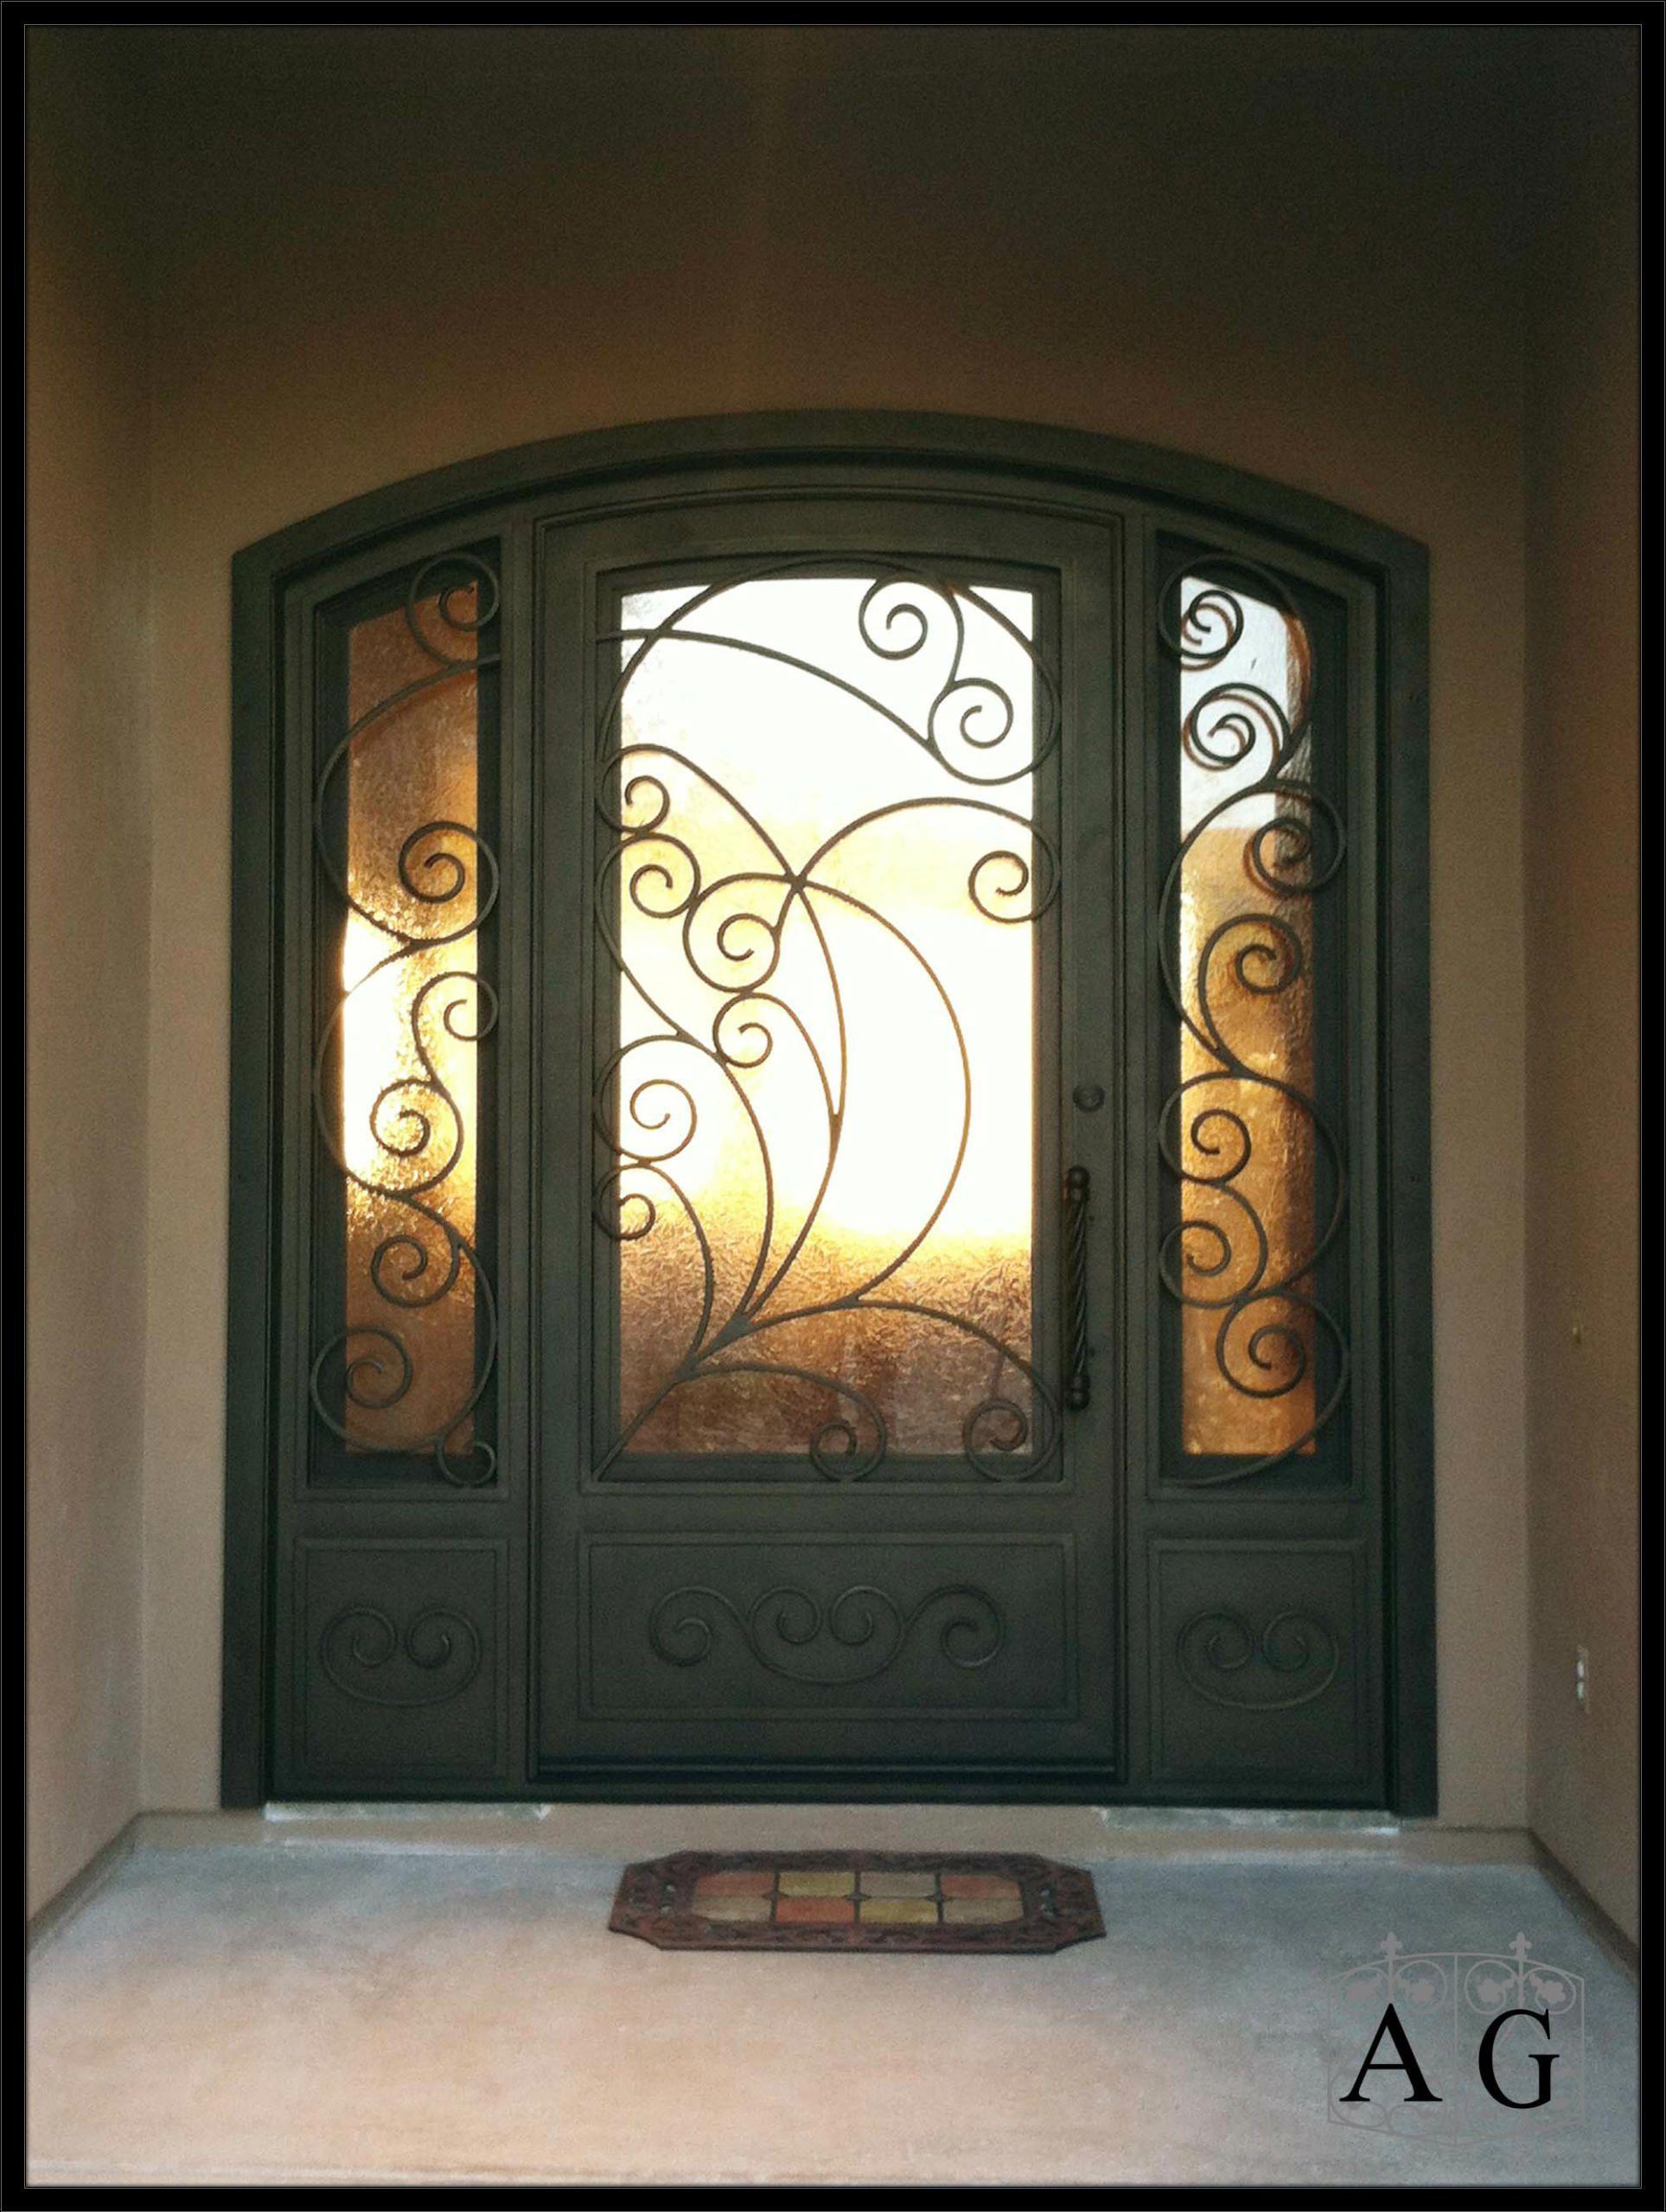 Frosted glass front door - Glass Main Door Designs Modern Door Design Contemporary Front Doors With Sidelights Elegant Venetian Floral Trellis